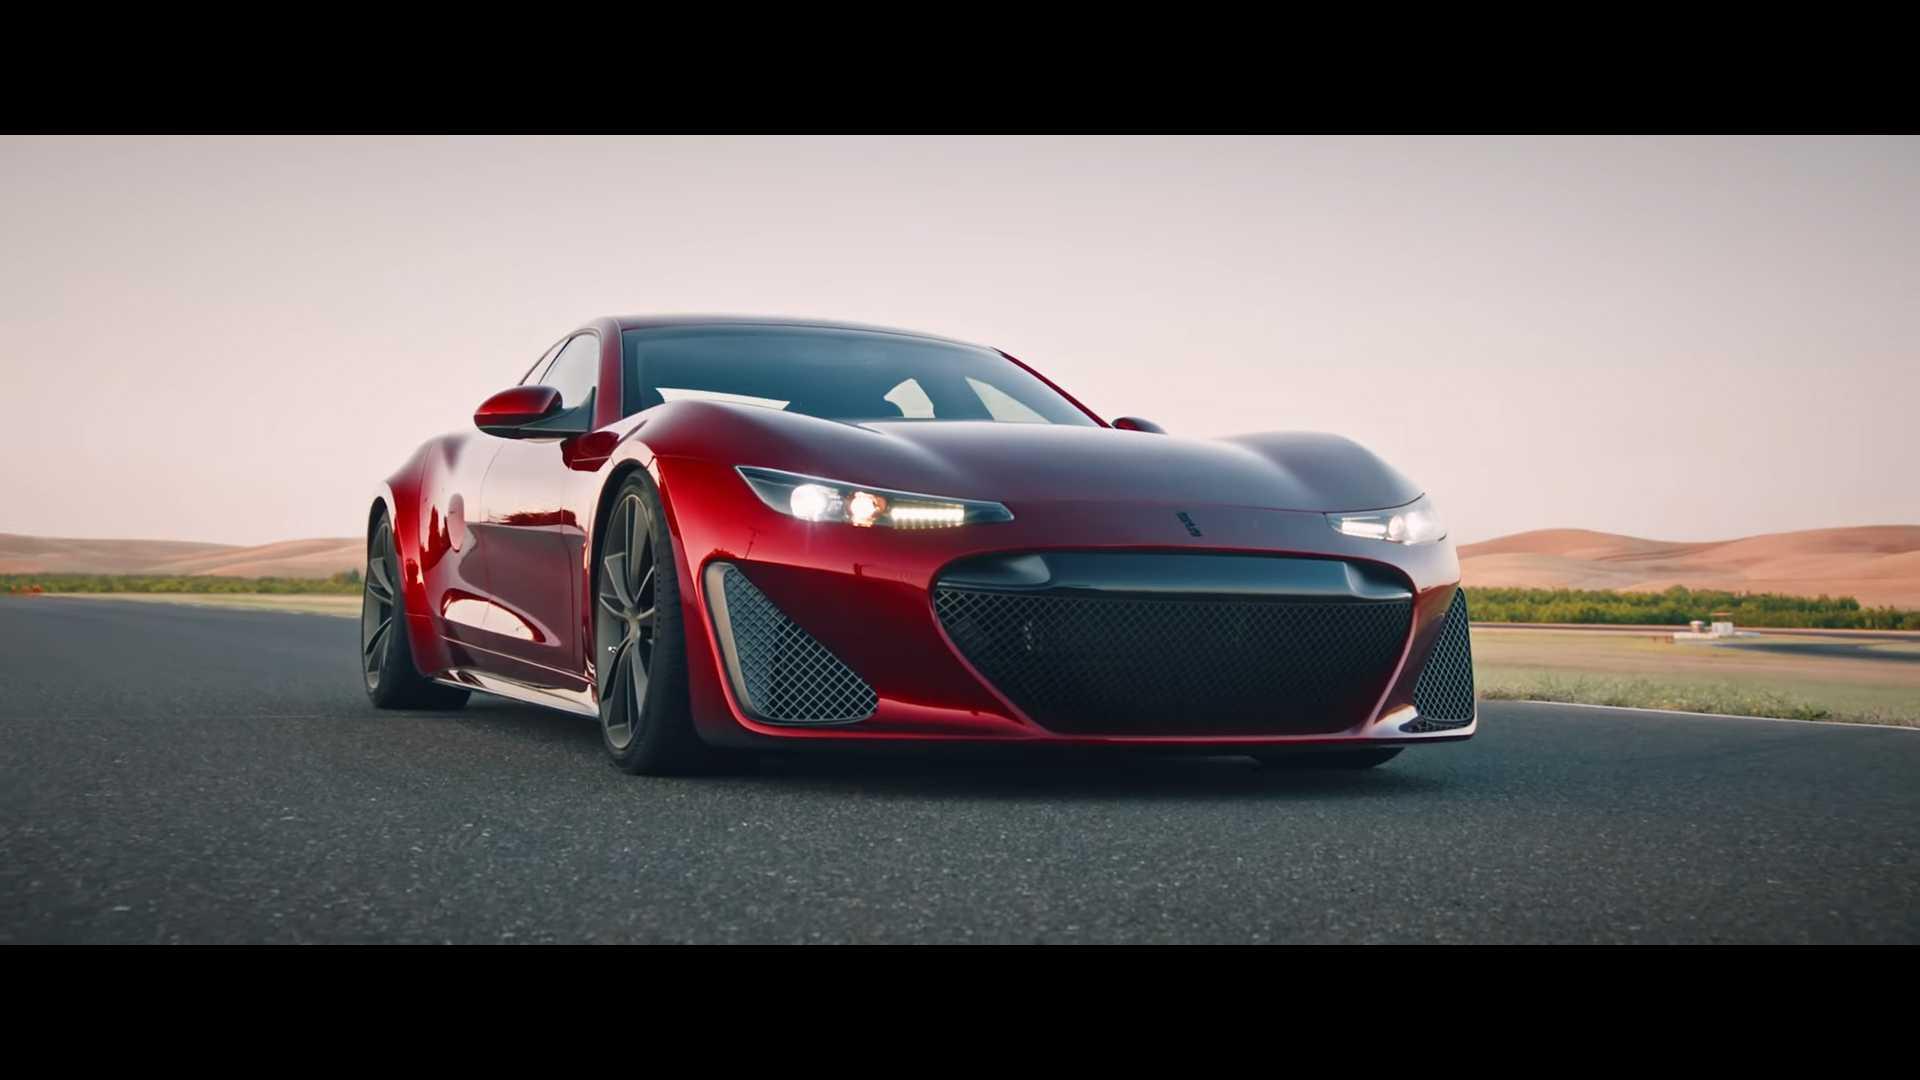 Молодая компания из Калифорнии создала гиперкар GTE с полностью электрической силовой установкой. К разработке 4-дверного купе, которое работает от четырех электродвигателей с постоянным магнитом, привлекали компанию Fisker.